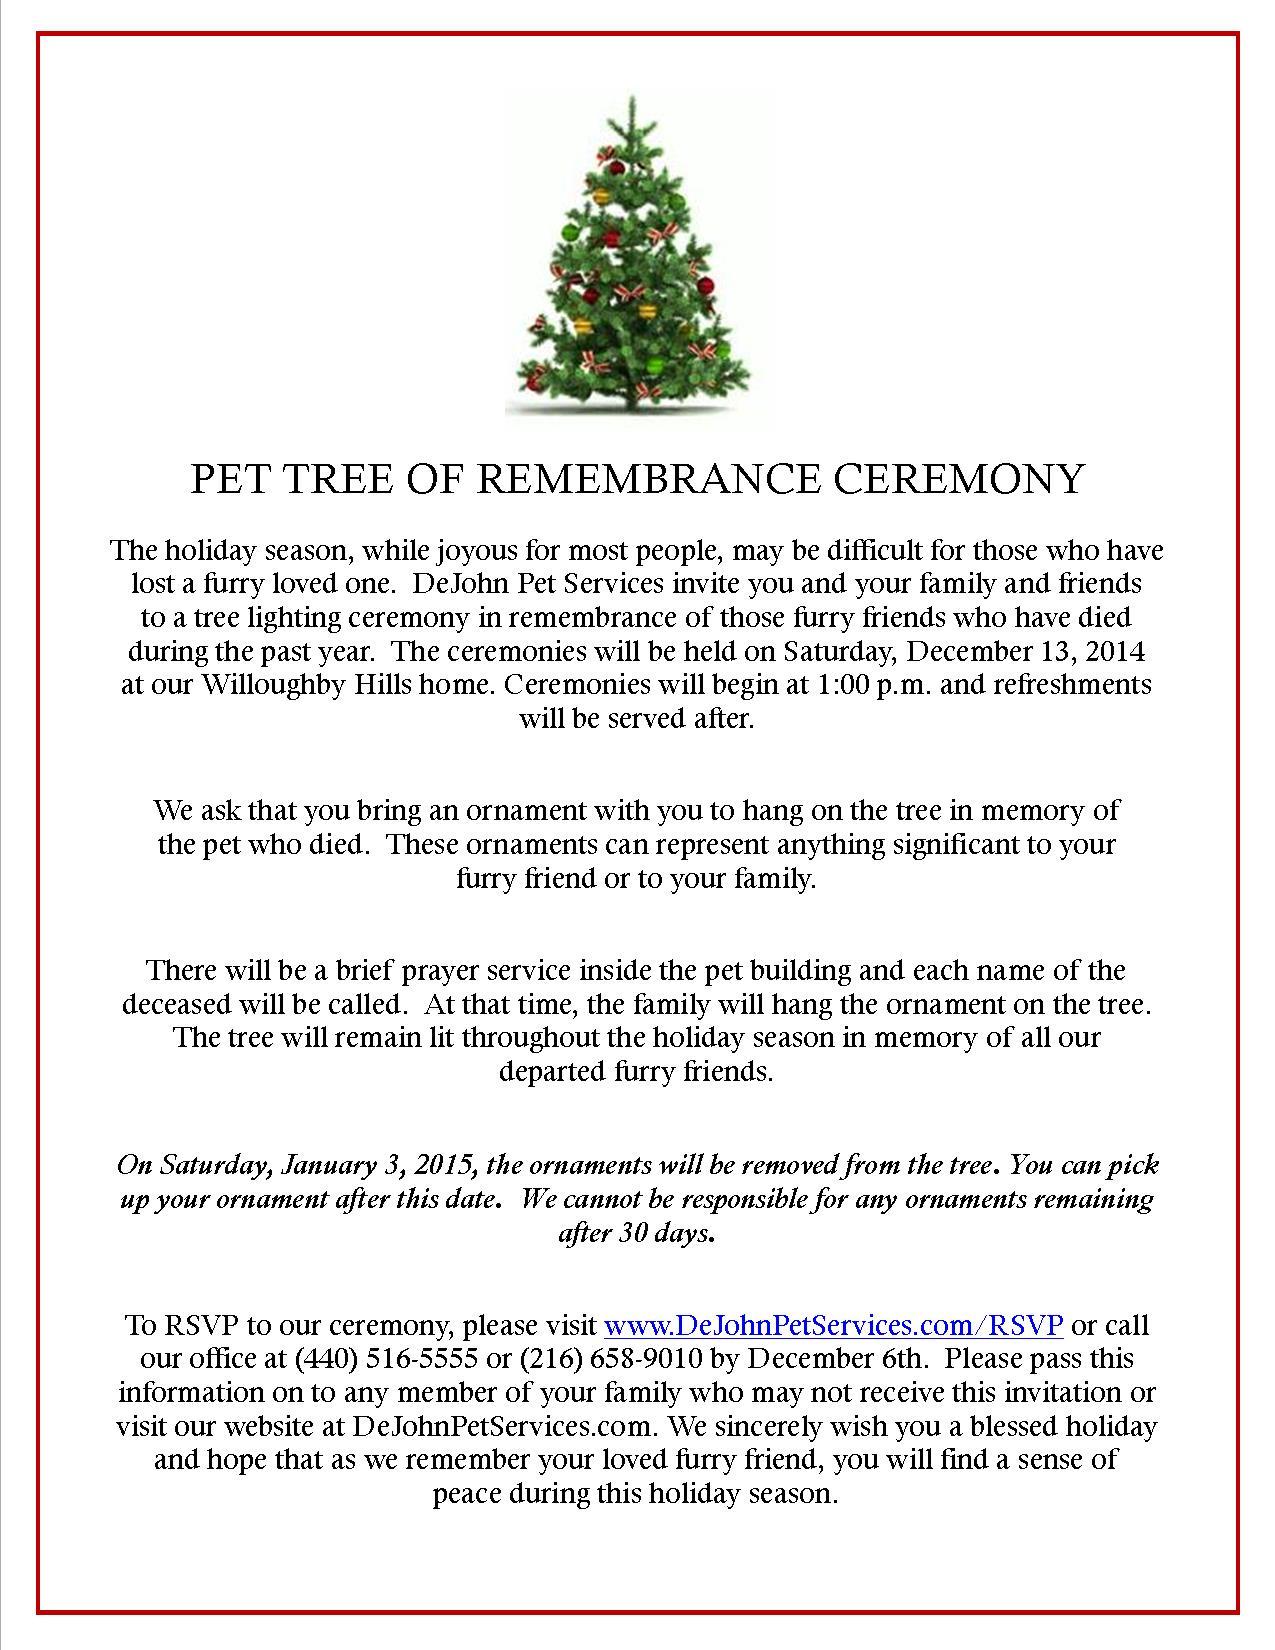 Pet Tree Ceremony 2014